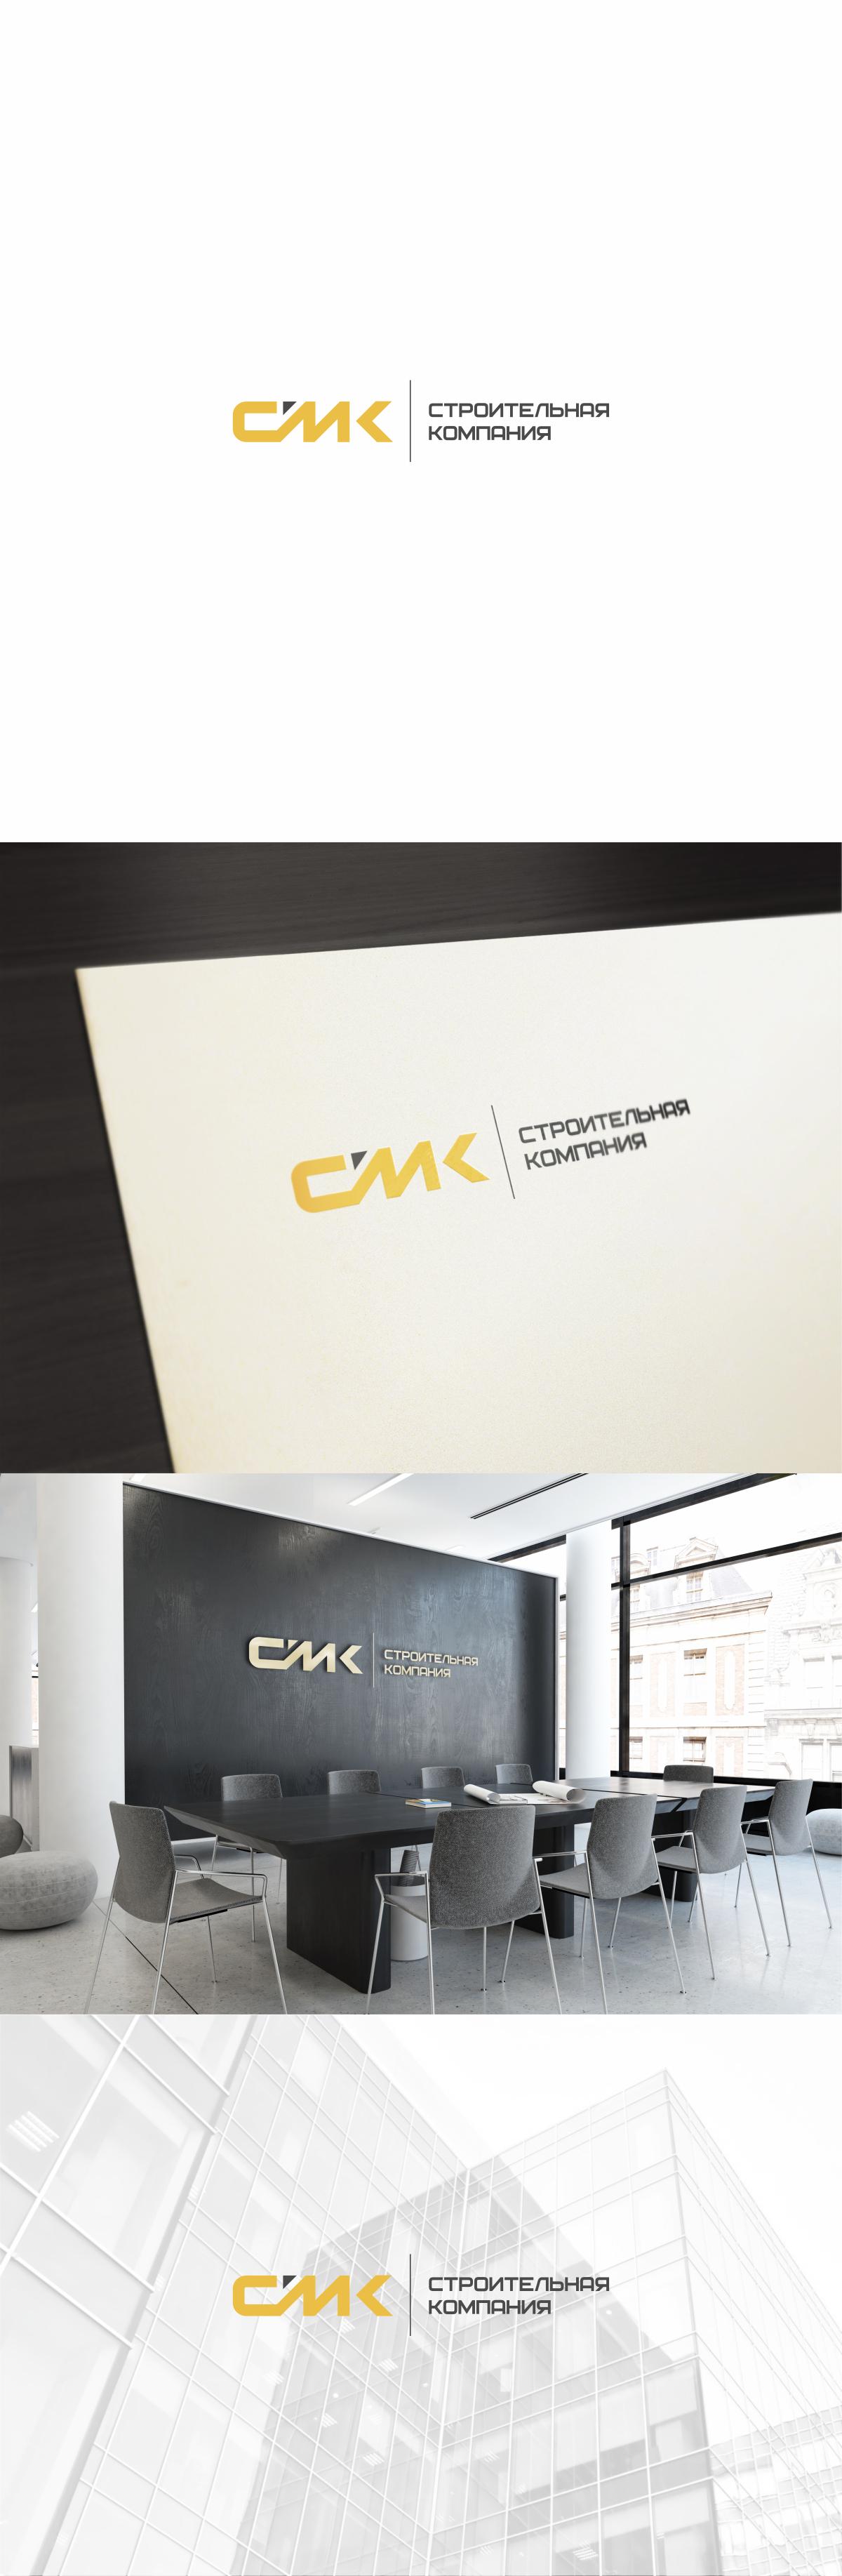 Разработка логотипа компании фото f_2625de0c518e2ddb.jpg